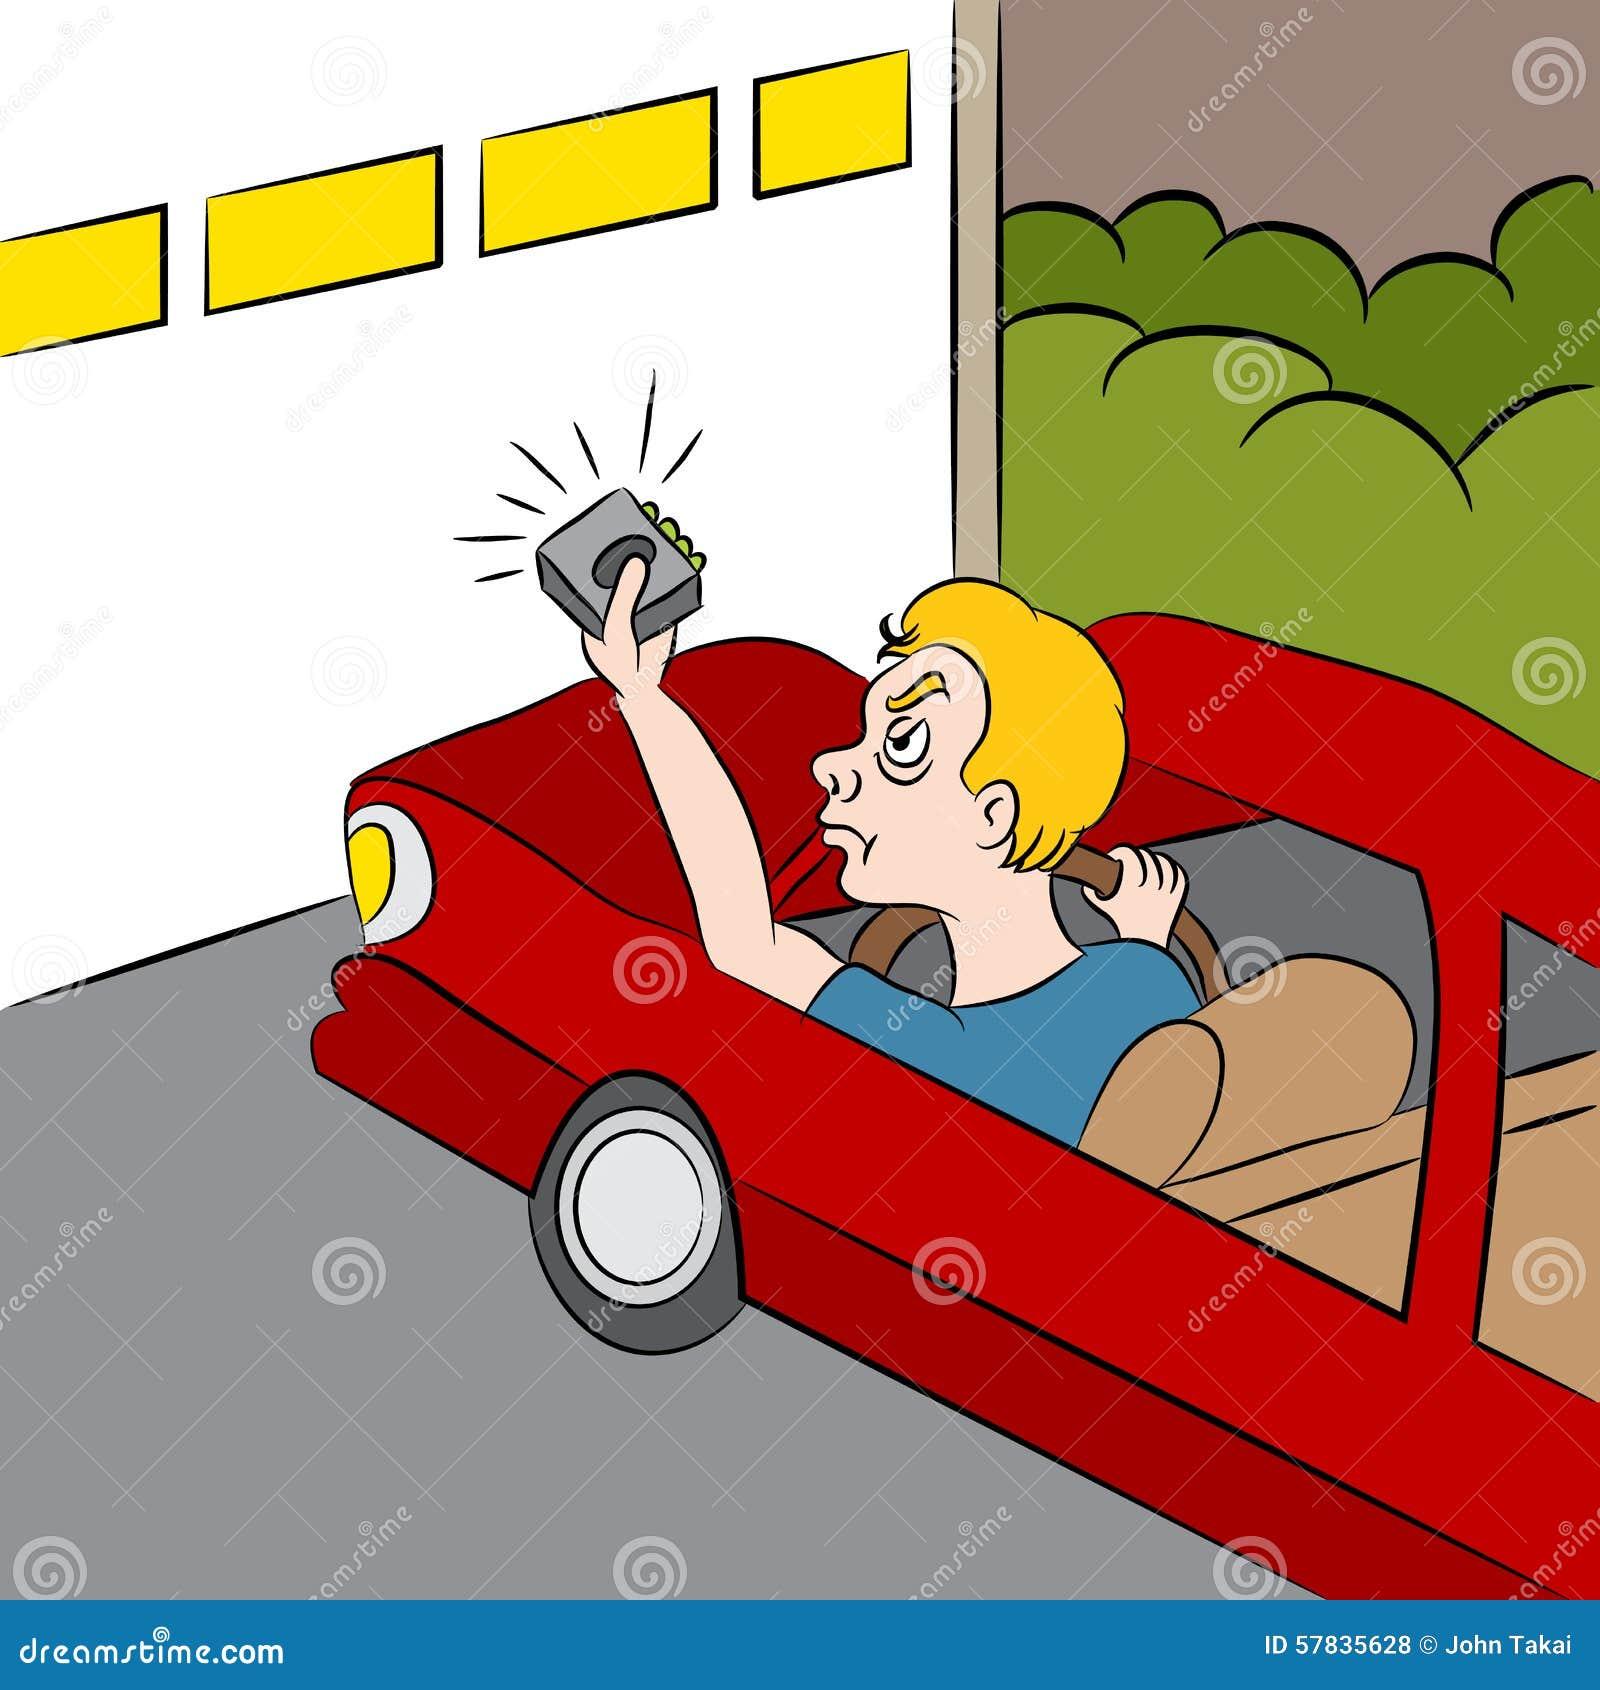 Garage Door Clip Art : Cartoon garage door not opening stock vector